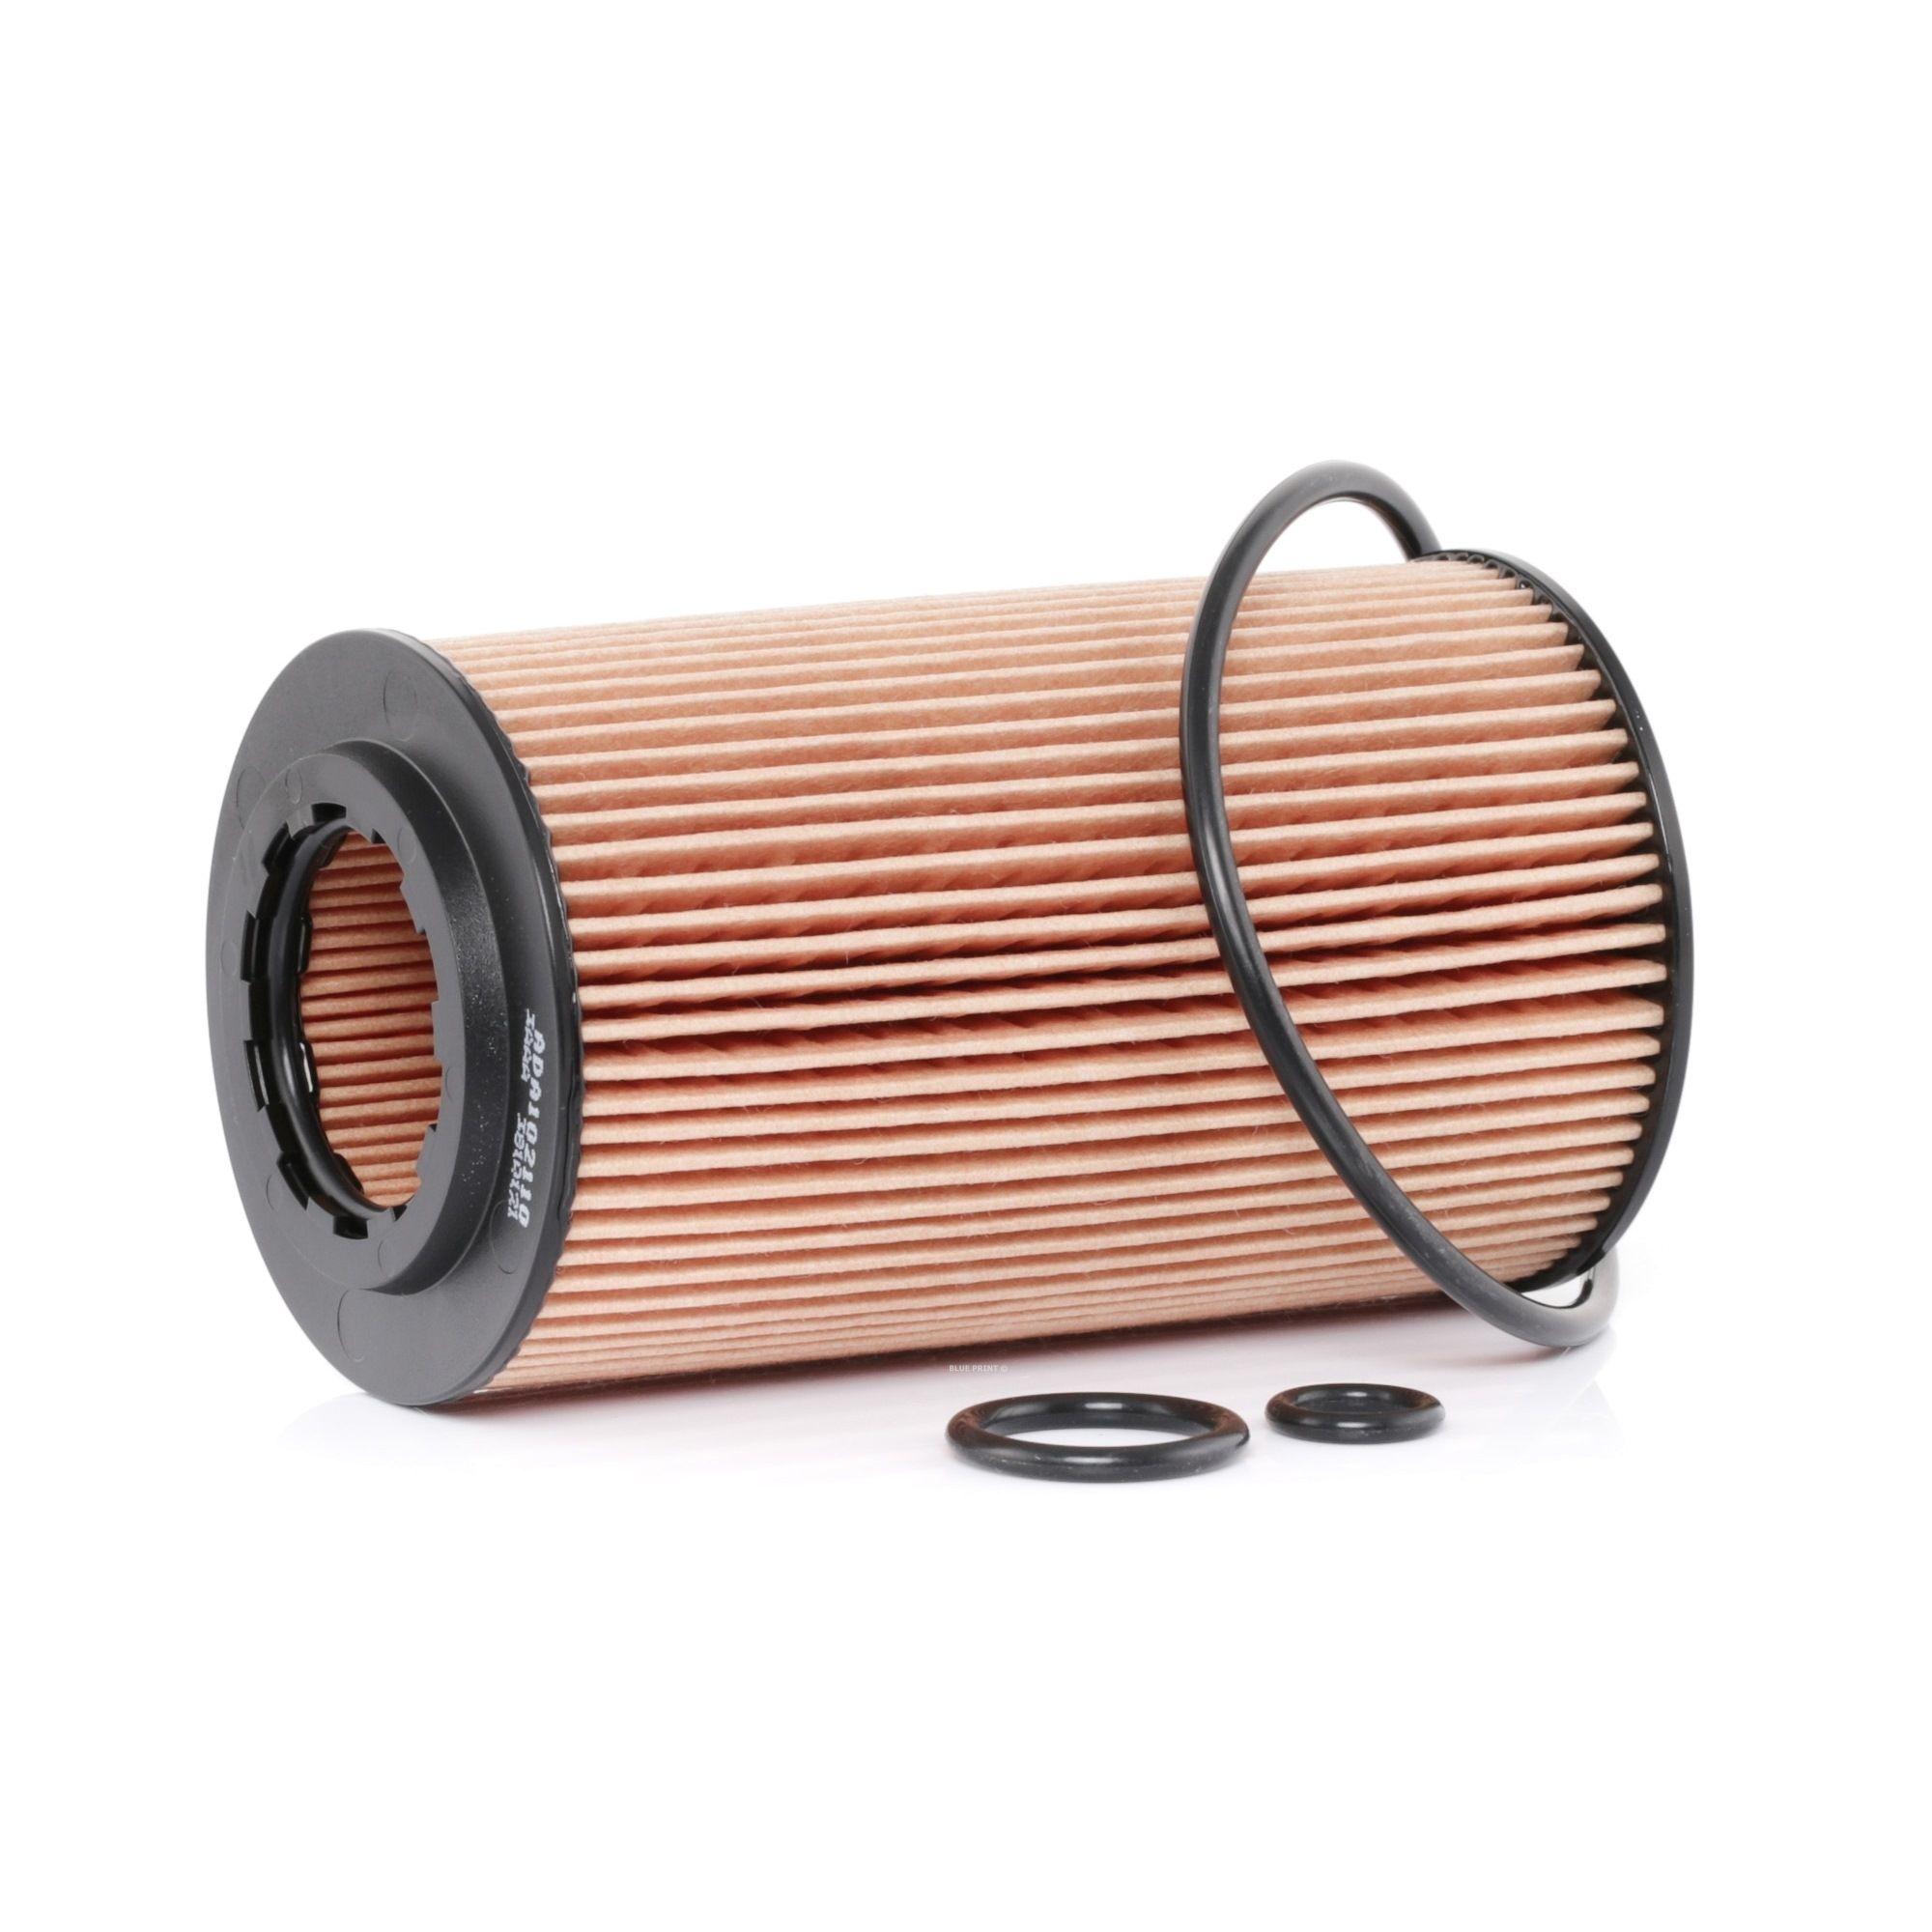 ADA102110 BLUE PRINT Filtereinsatz, mit Einspritzventil Innendurchmesser: 31,5mm, Ø: 65,0mm, Höhe: 115mm Ölfilter ADA102110 günstig kaufen